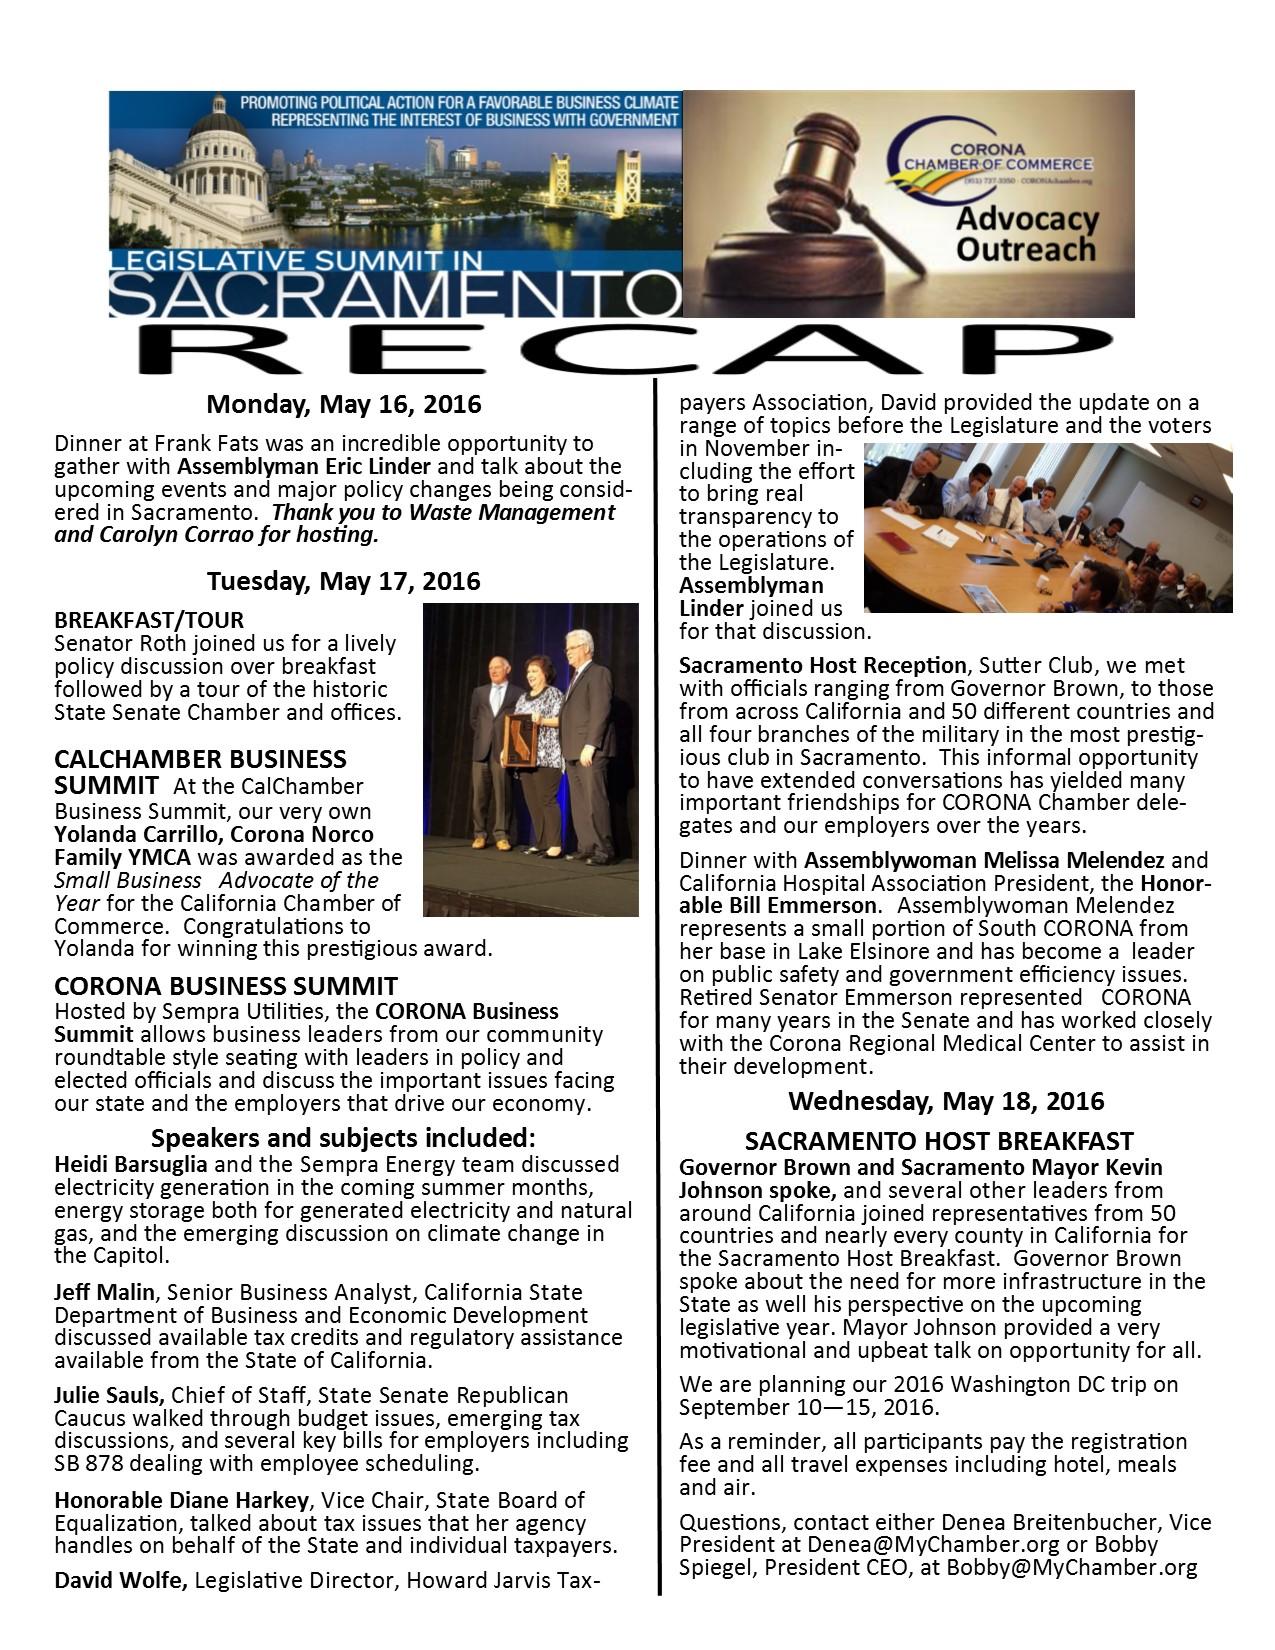 Sacramento_RECAP_(002).jpg